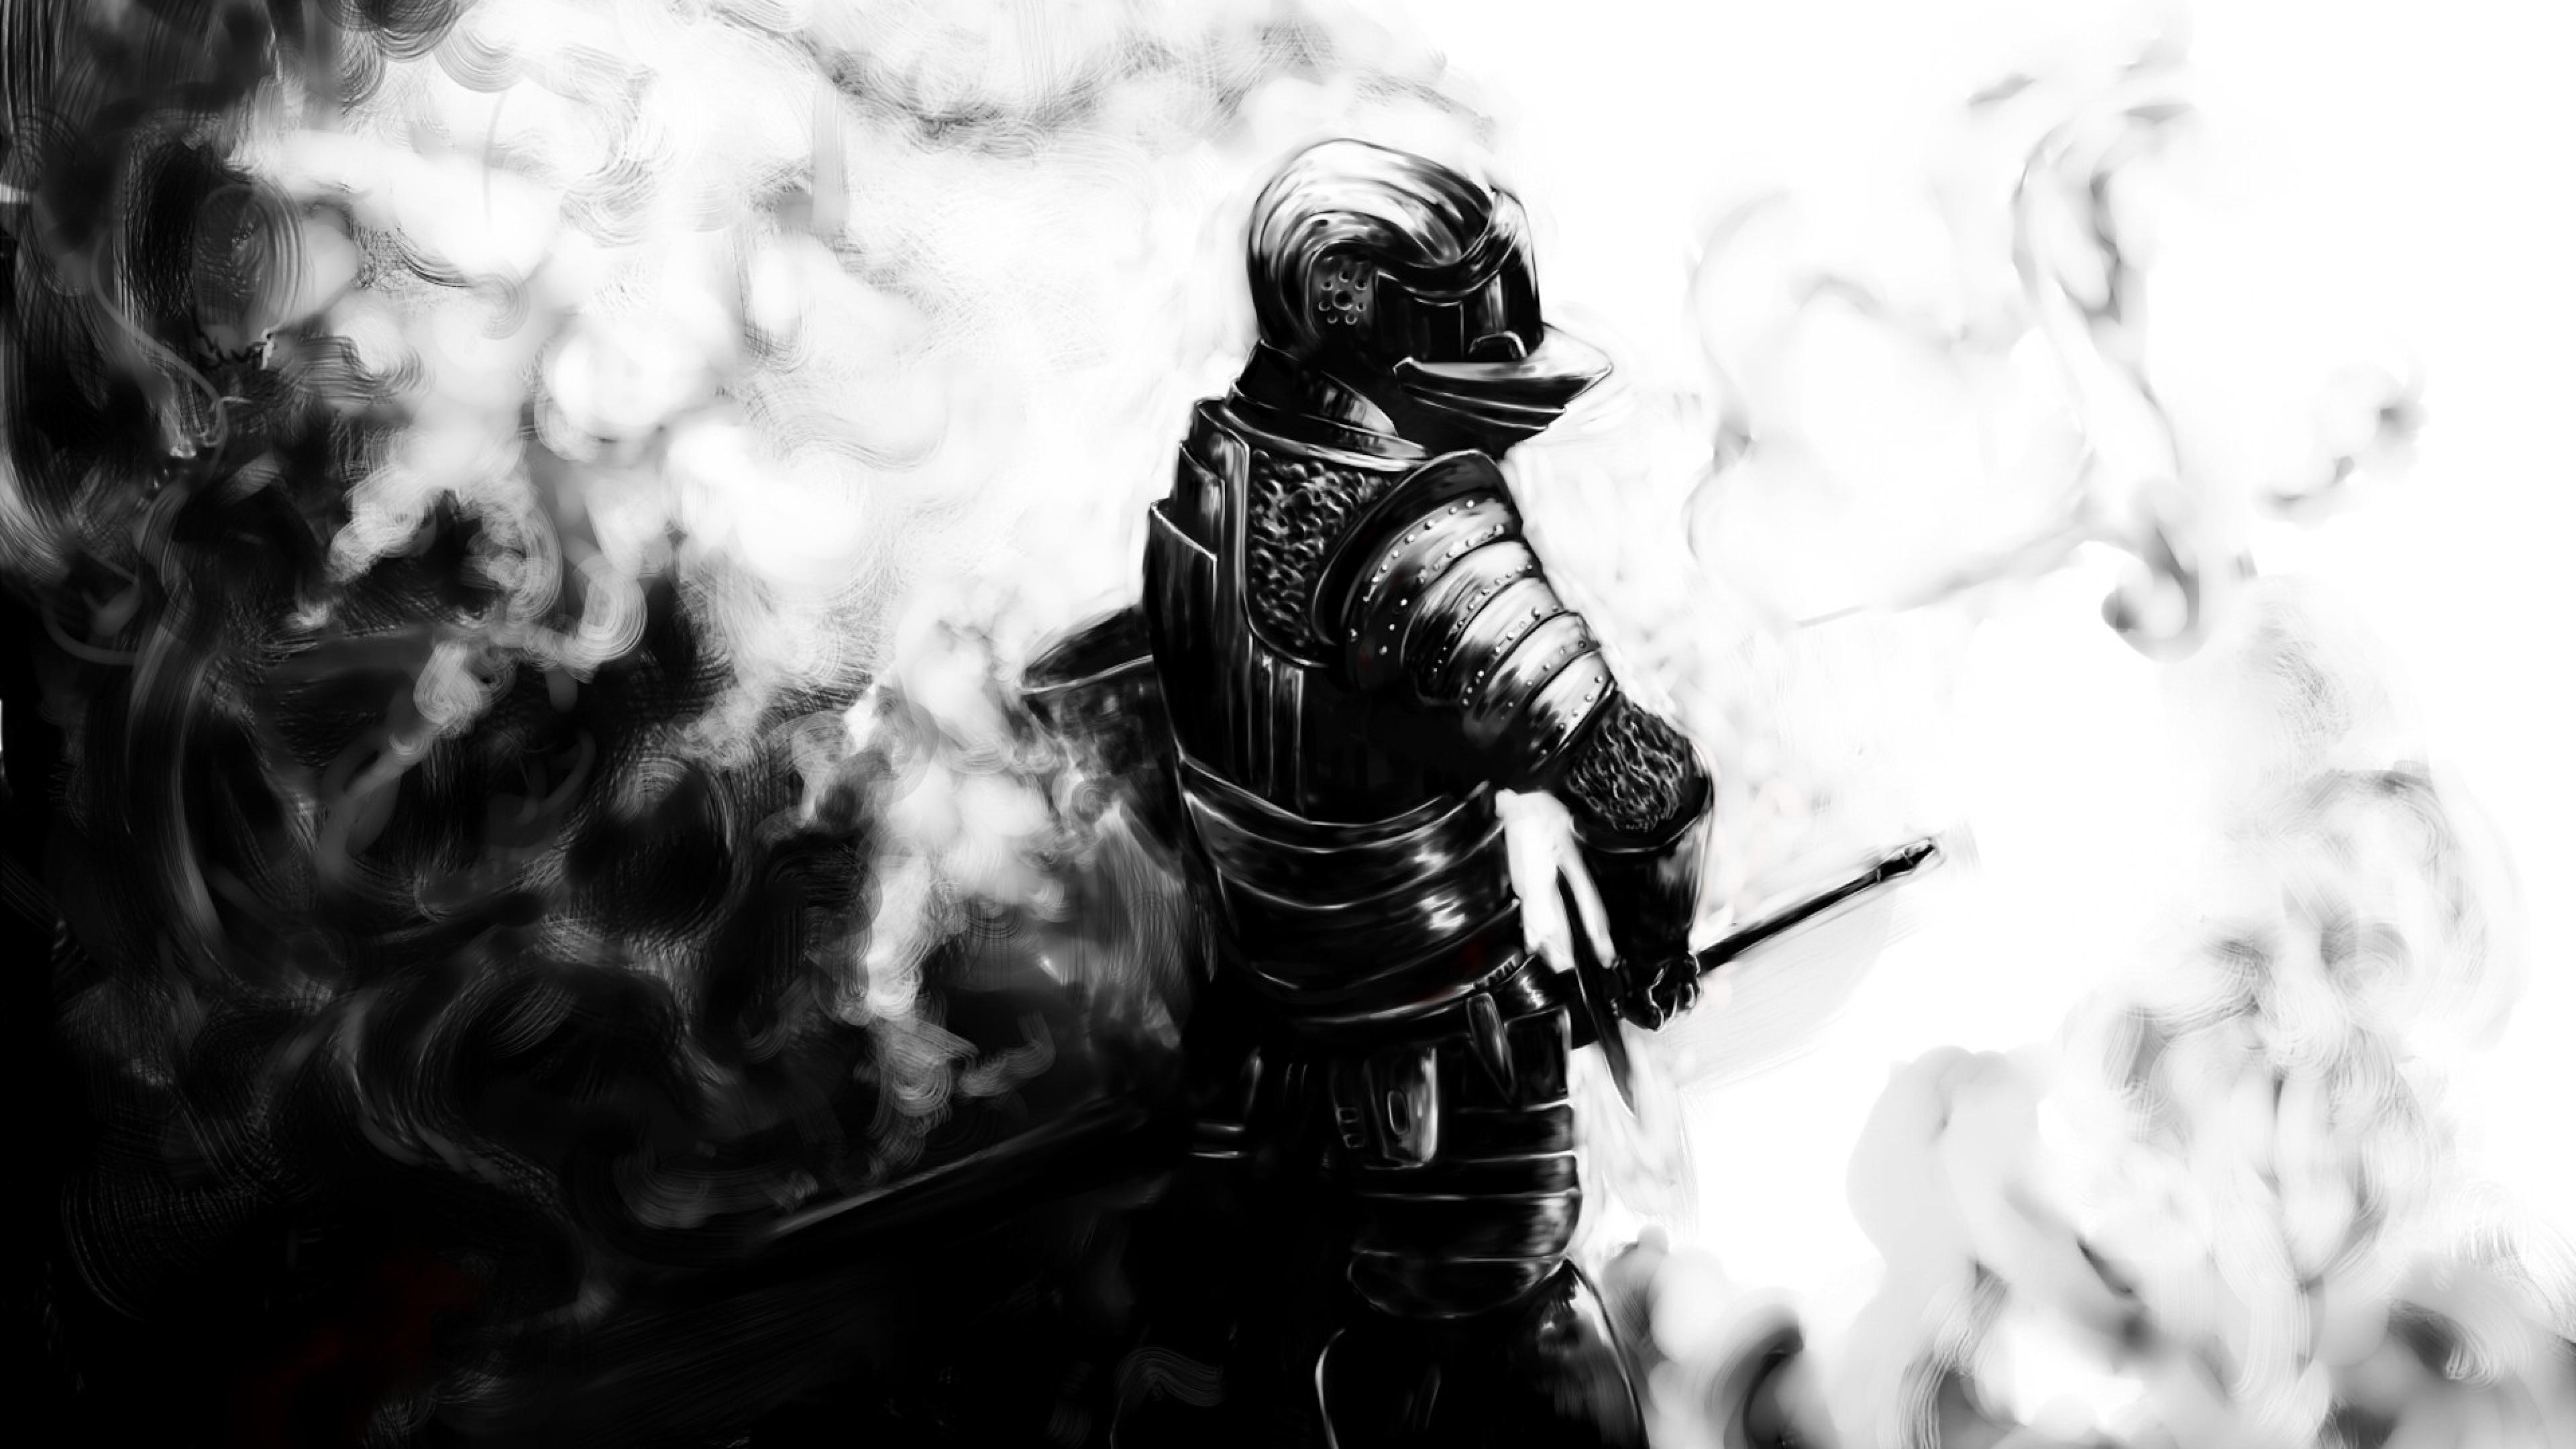 dark souls knight sword armor helmet 3840x2160